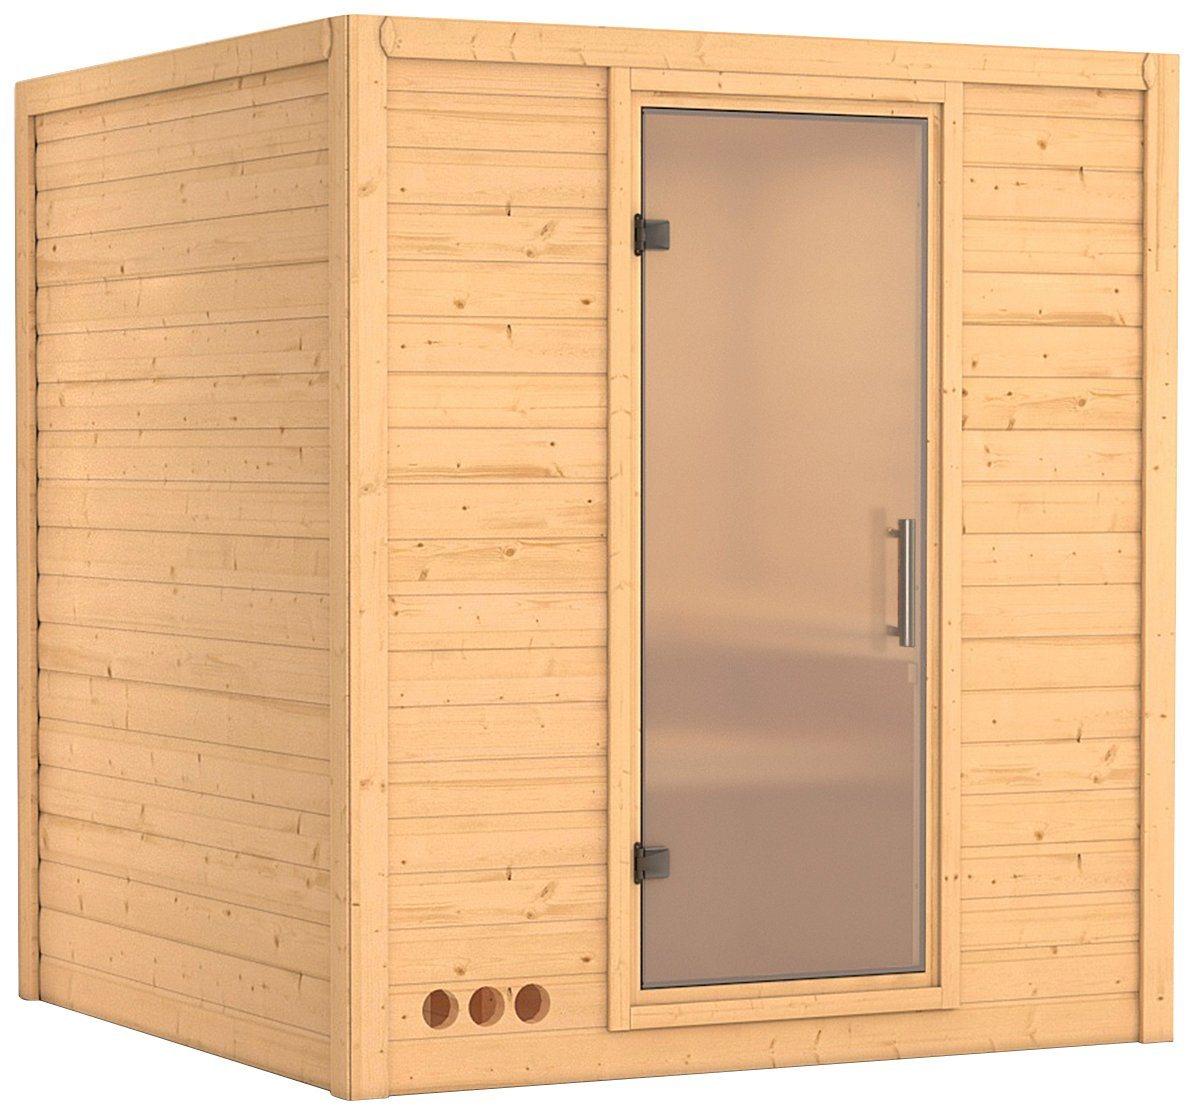 KONIFERA Sauna »Mojave«, 193/184/209 cm, 9-kW-Ofen, int. Steuerung, Glastür satiniert